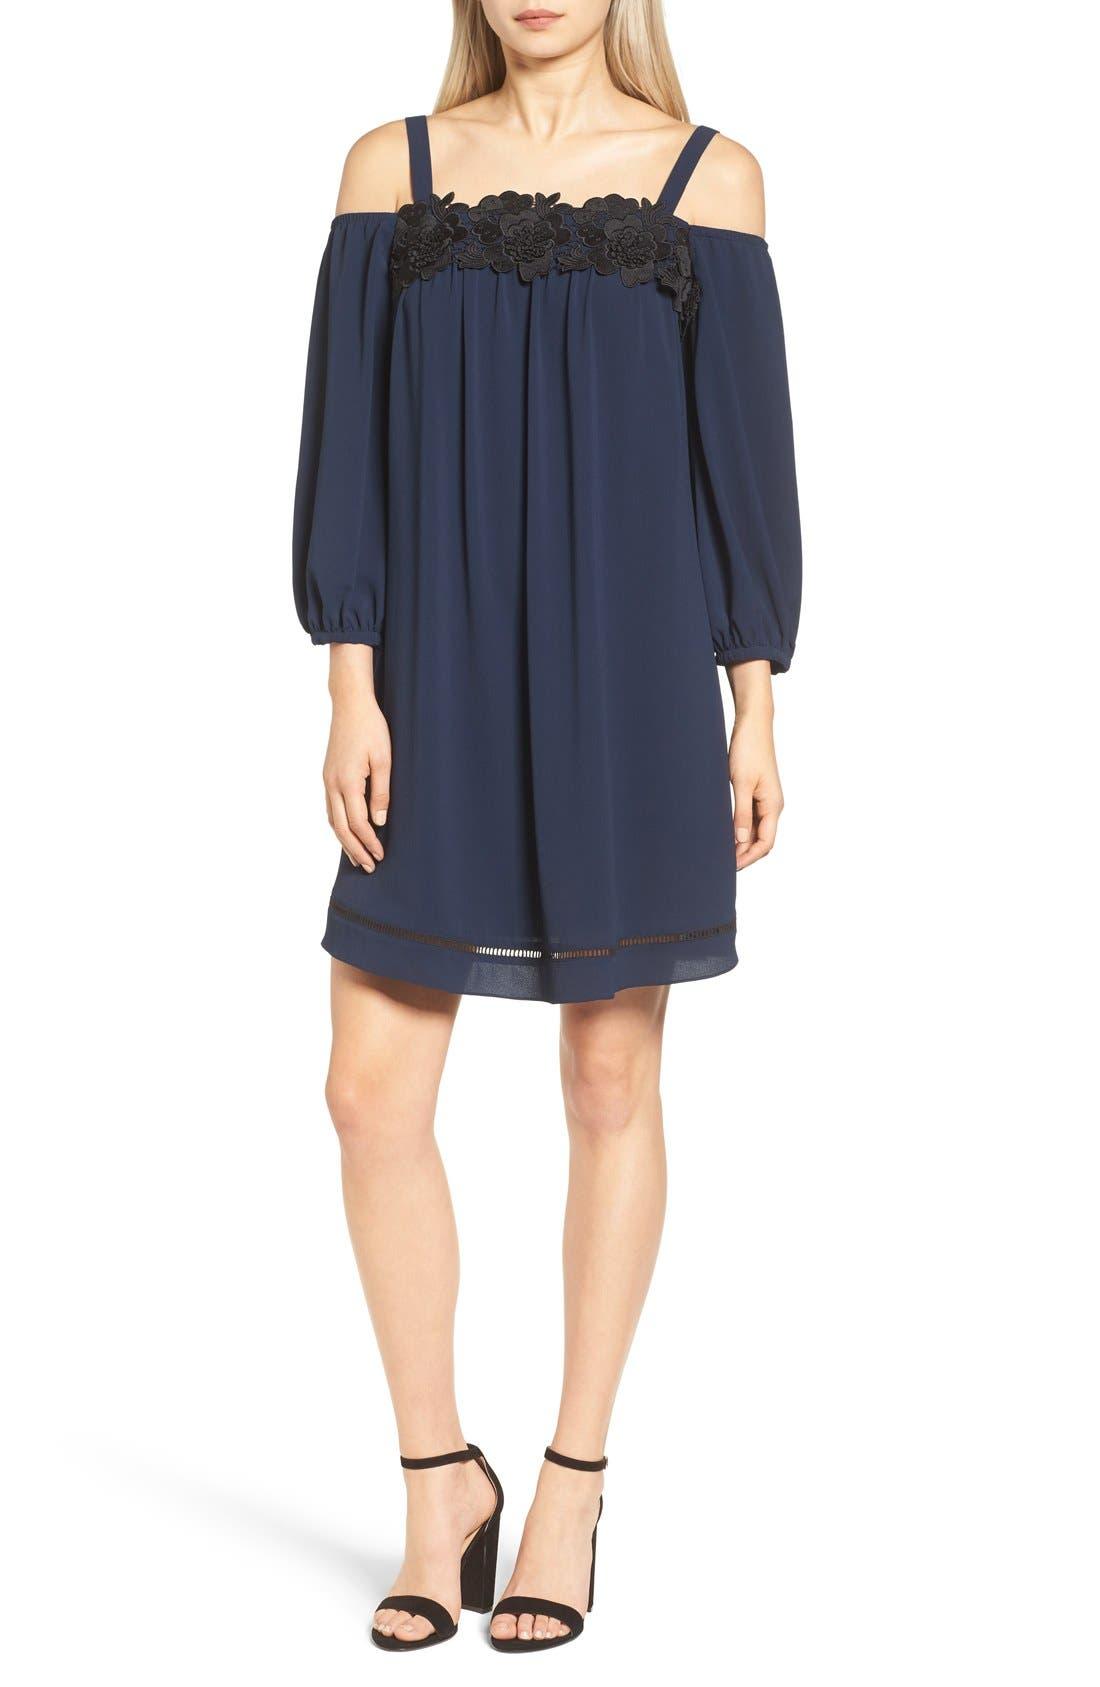 Main Image - Chelsea28 Cold Shoulder Dress